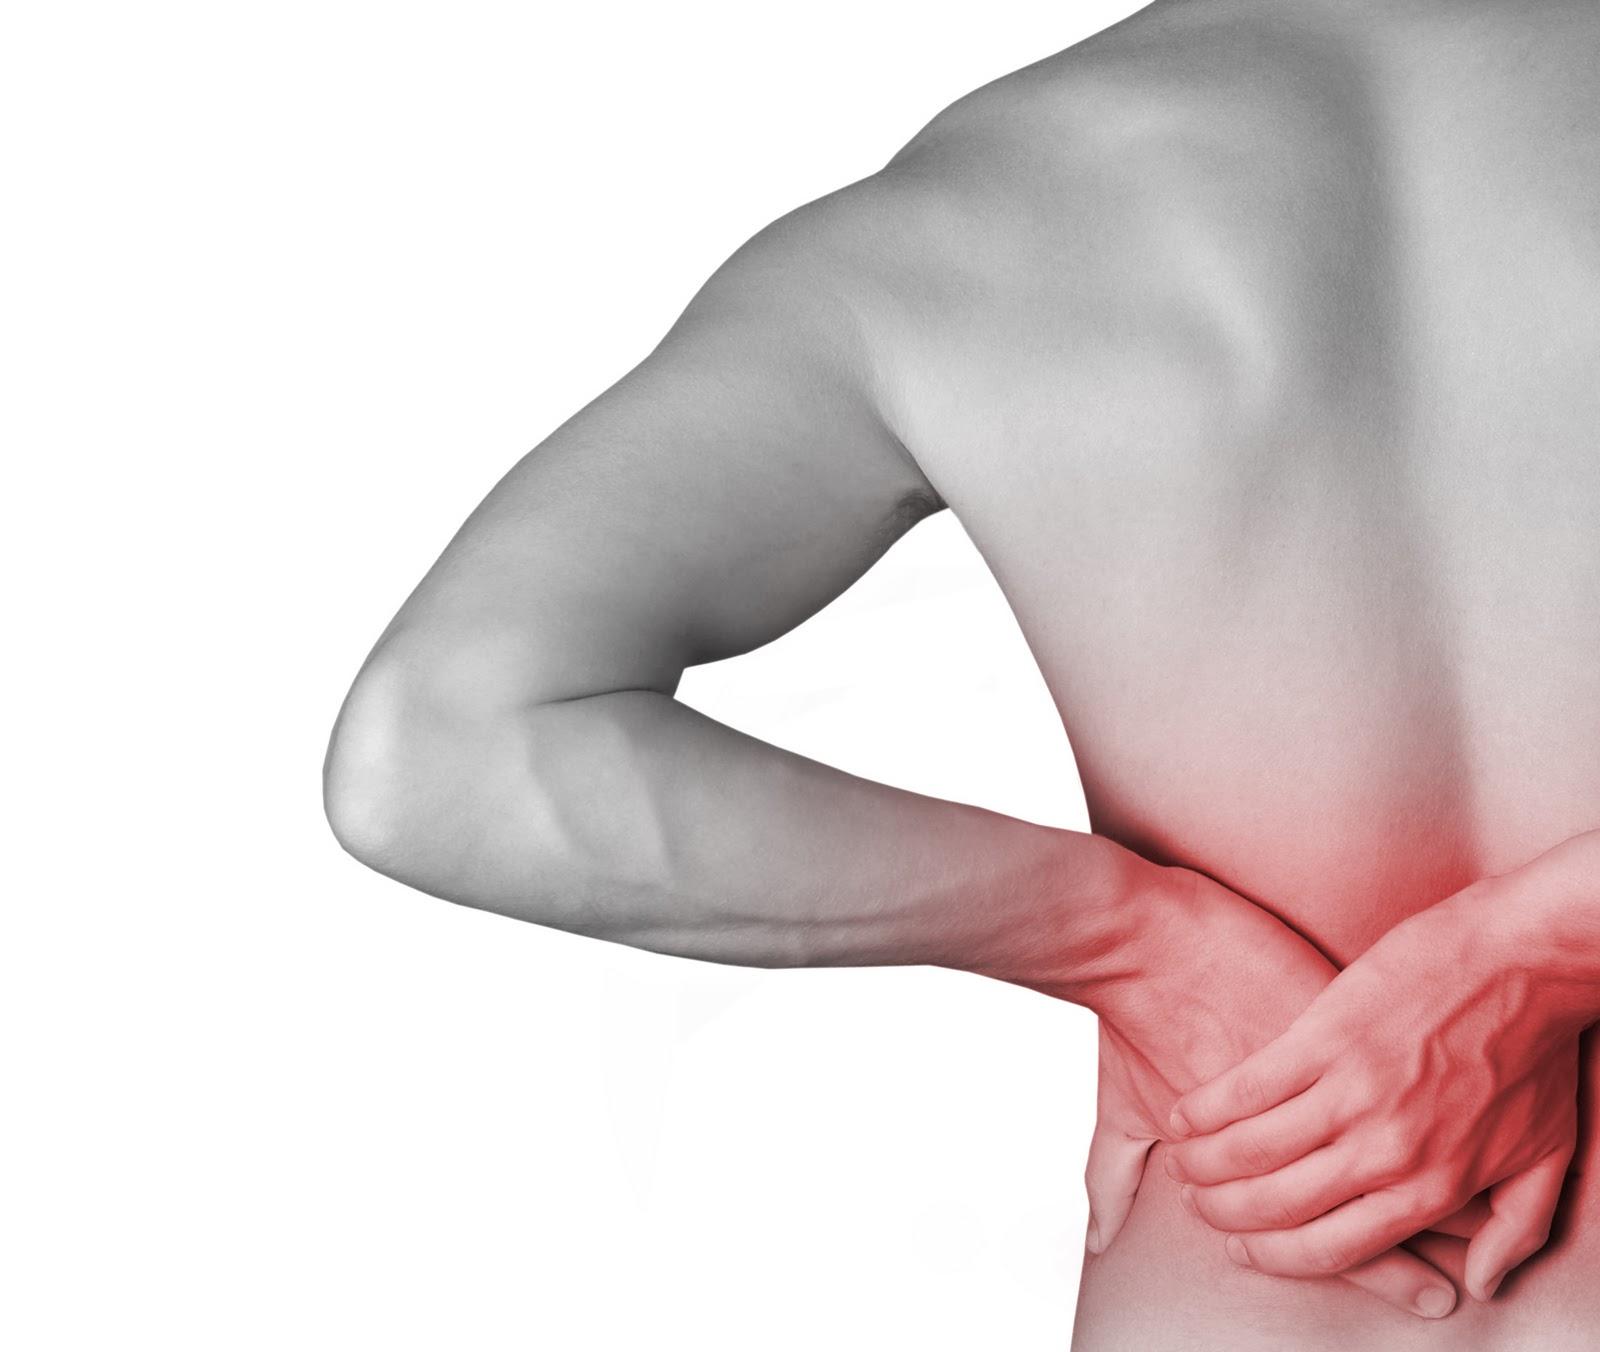 Vücutta ağrı_Lifemobil Evde Sağlık ve Bakım